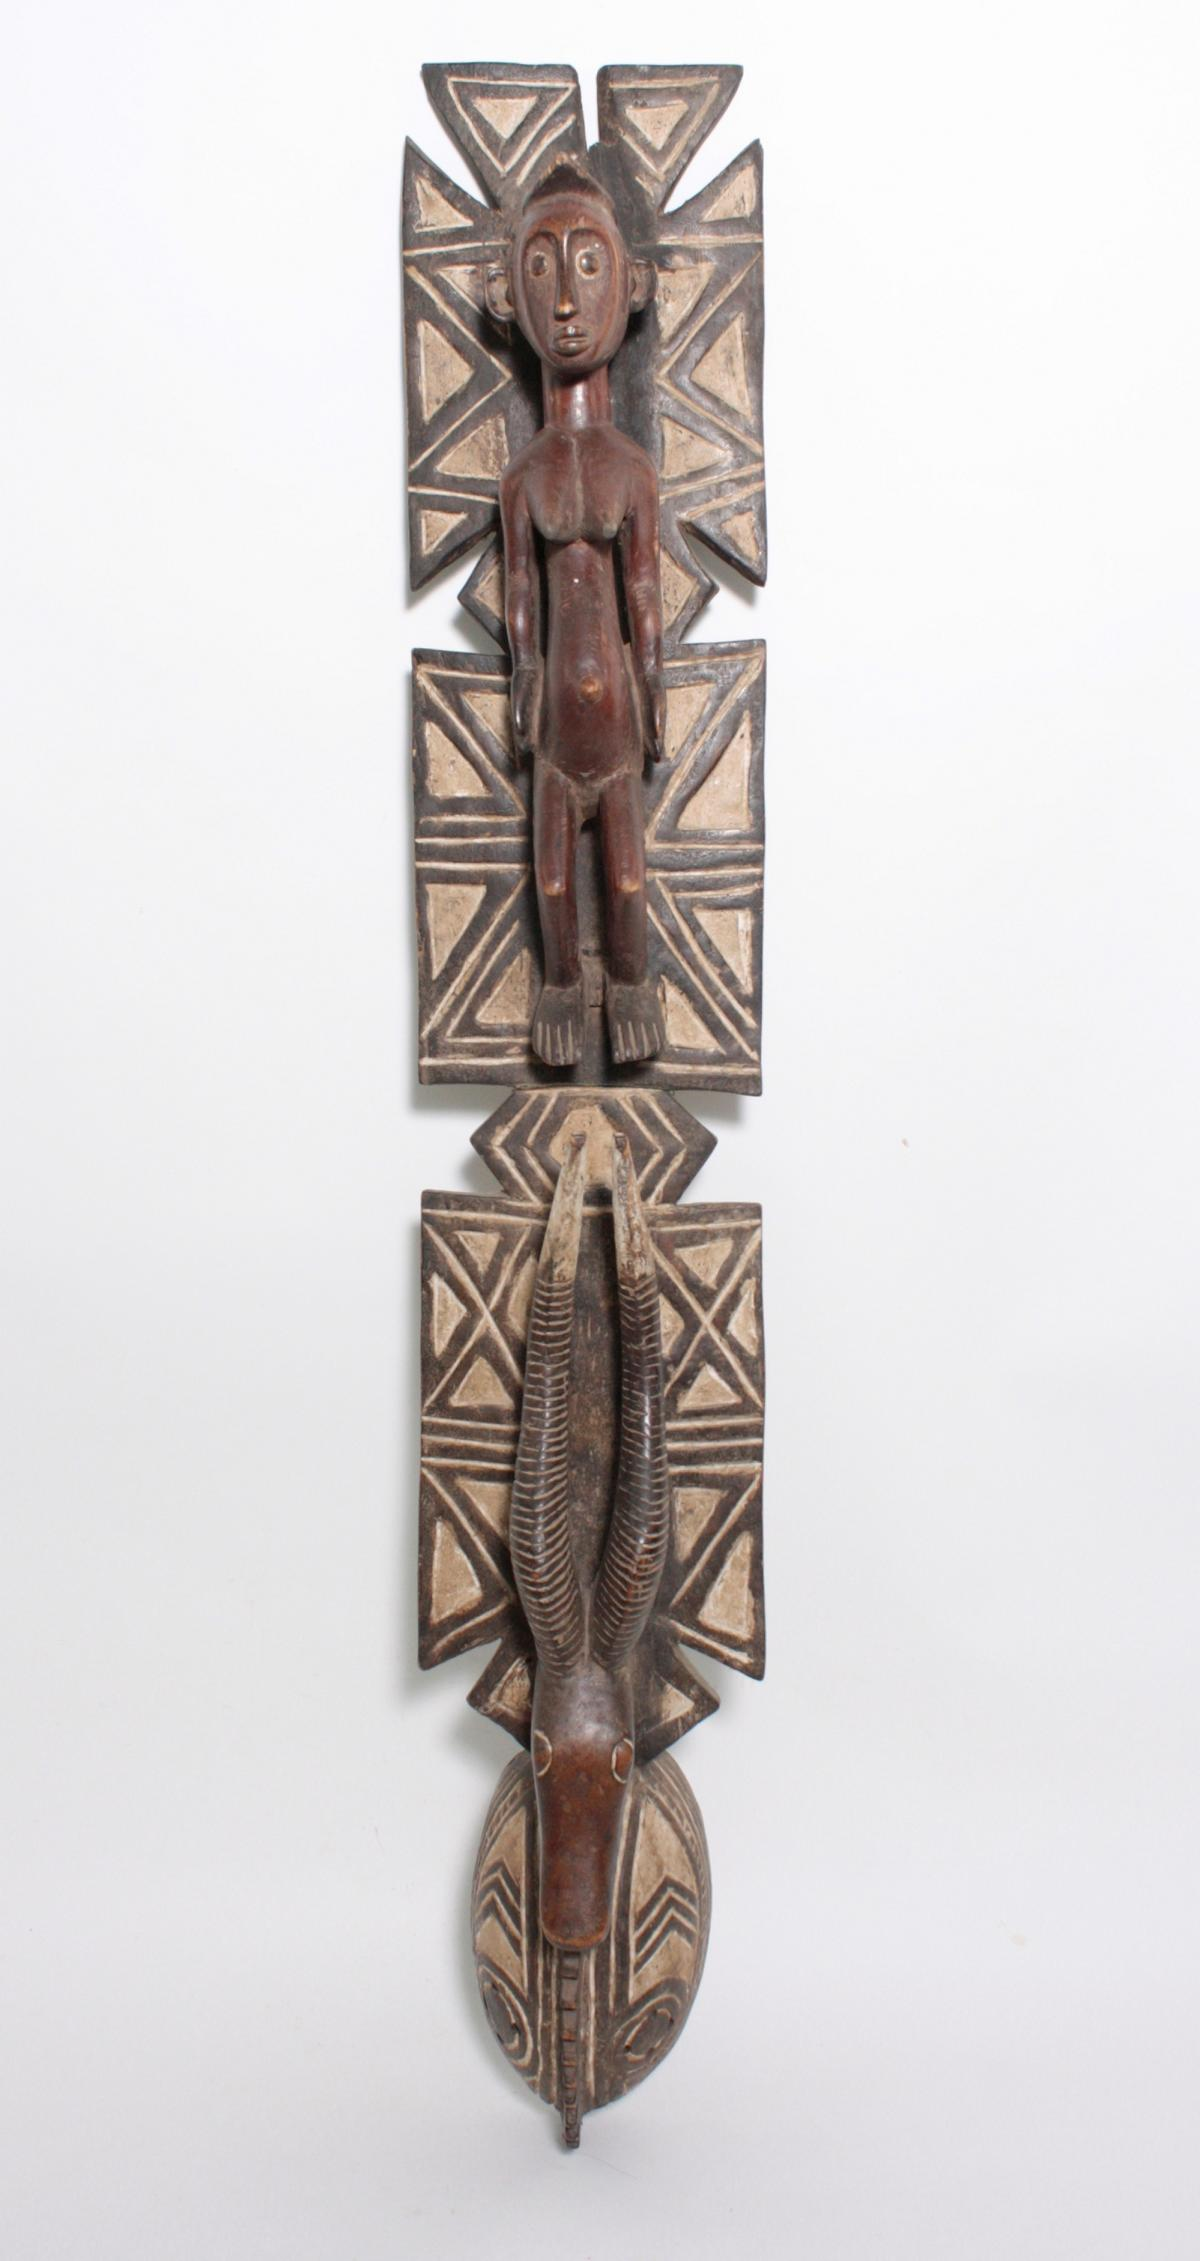 Aufsatz-Tanzmaske, Mossi, Burkina Faso, 1. Hälfte 20. Jh.Holz, geschnitzt. Flach reliefiertes